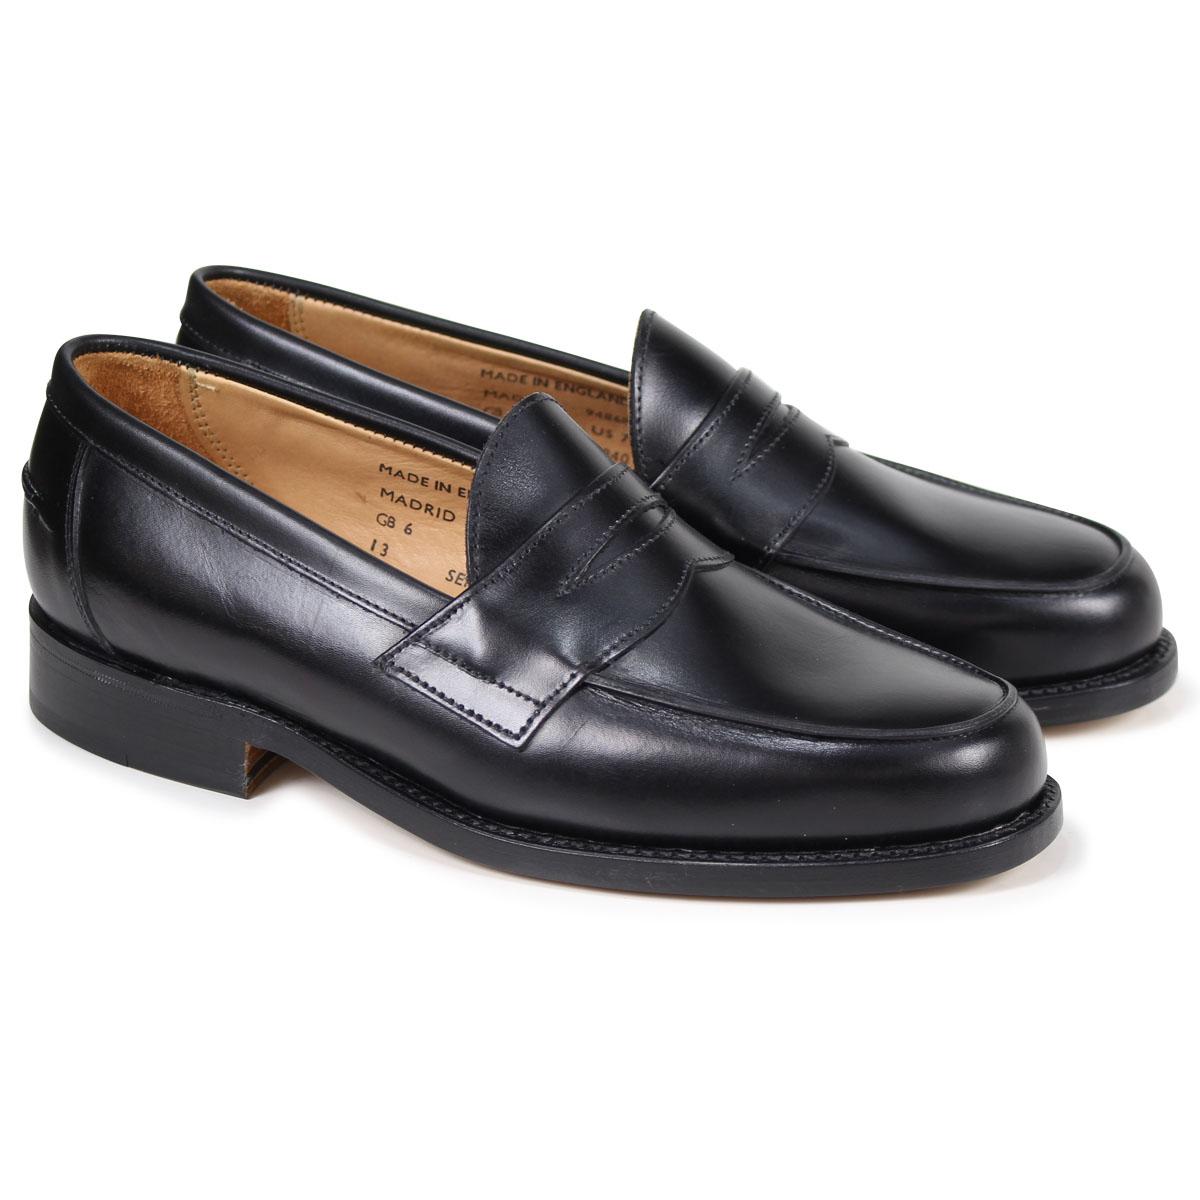 c73189d8c03 SANDERS MADRID BUTT SEAM LOAFER Sanders shoes penny loafer men black 9486B  [3/22 ...